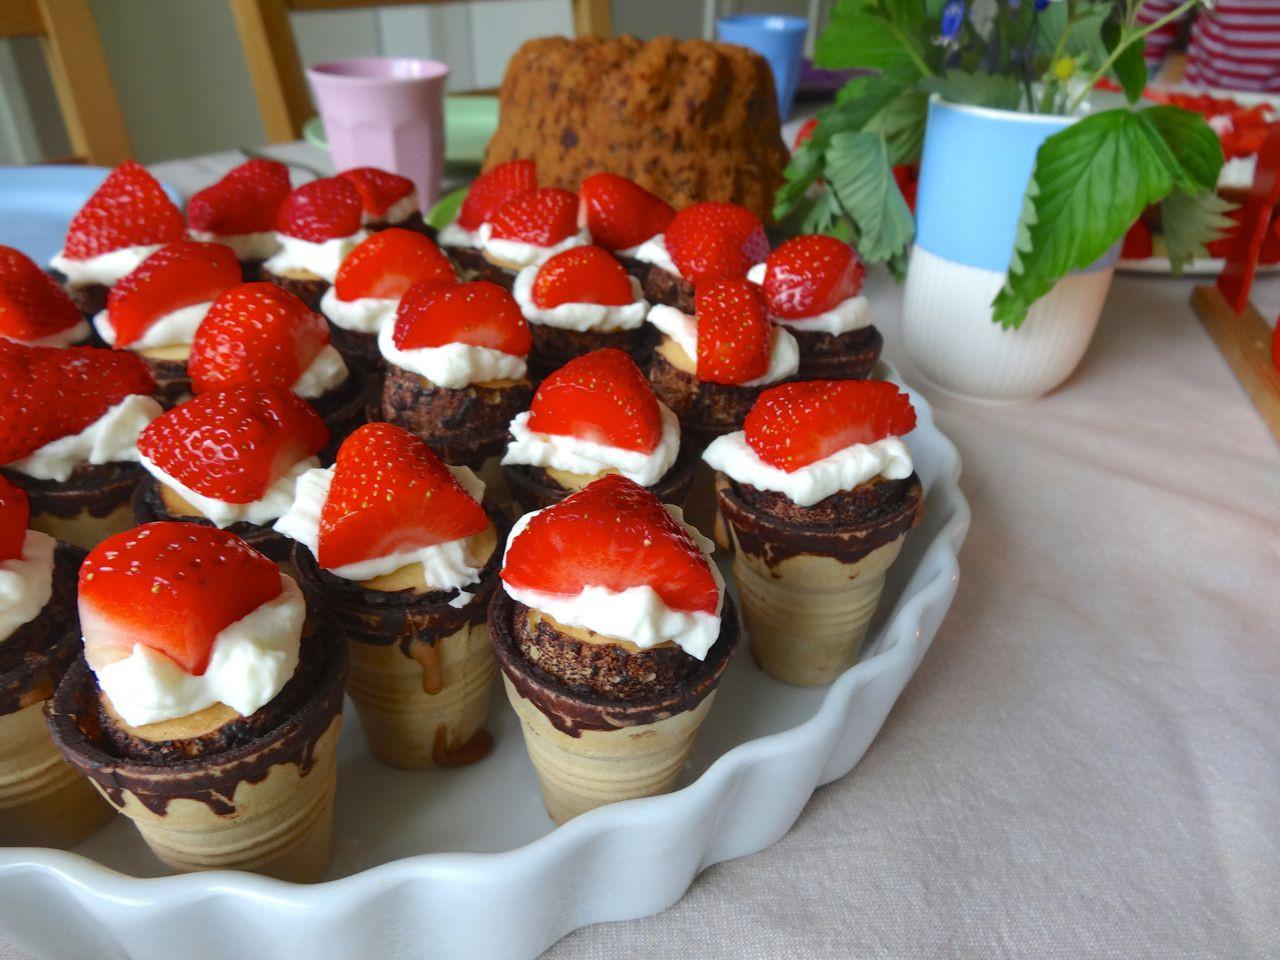 Geburtstagsfeier Essen  Frische Brise Die Geburtstagsfeier